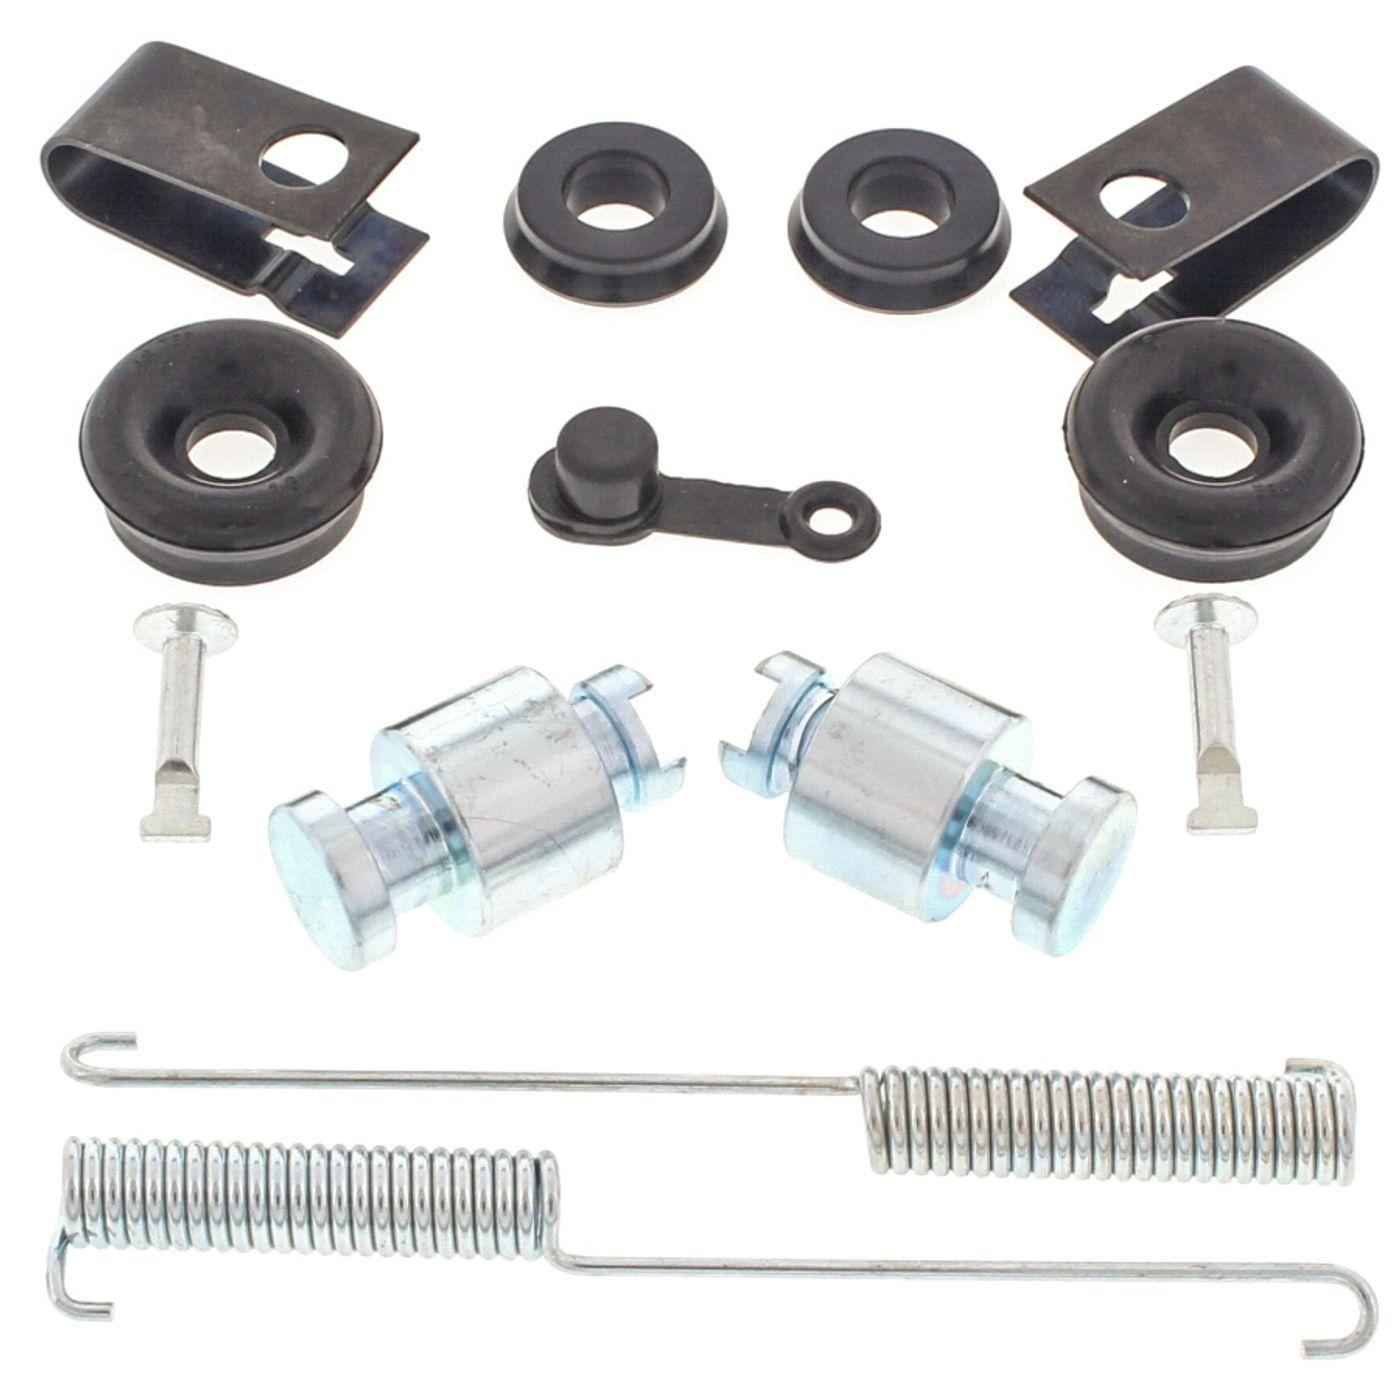 Wrp Wheel Cylinder Rebuild Kit - WRP185009 image